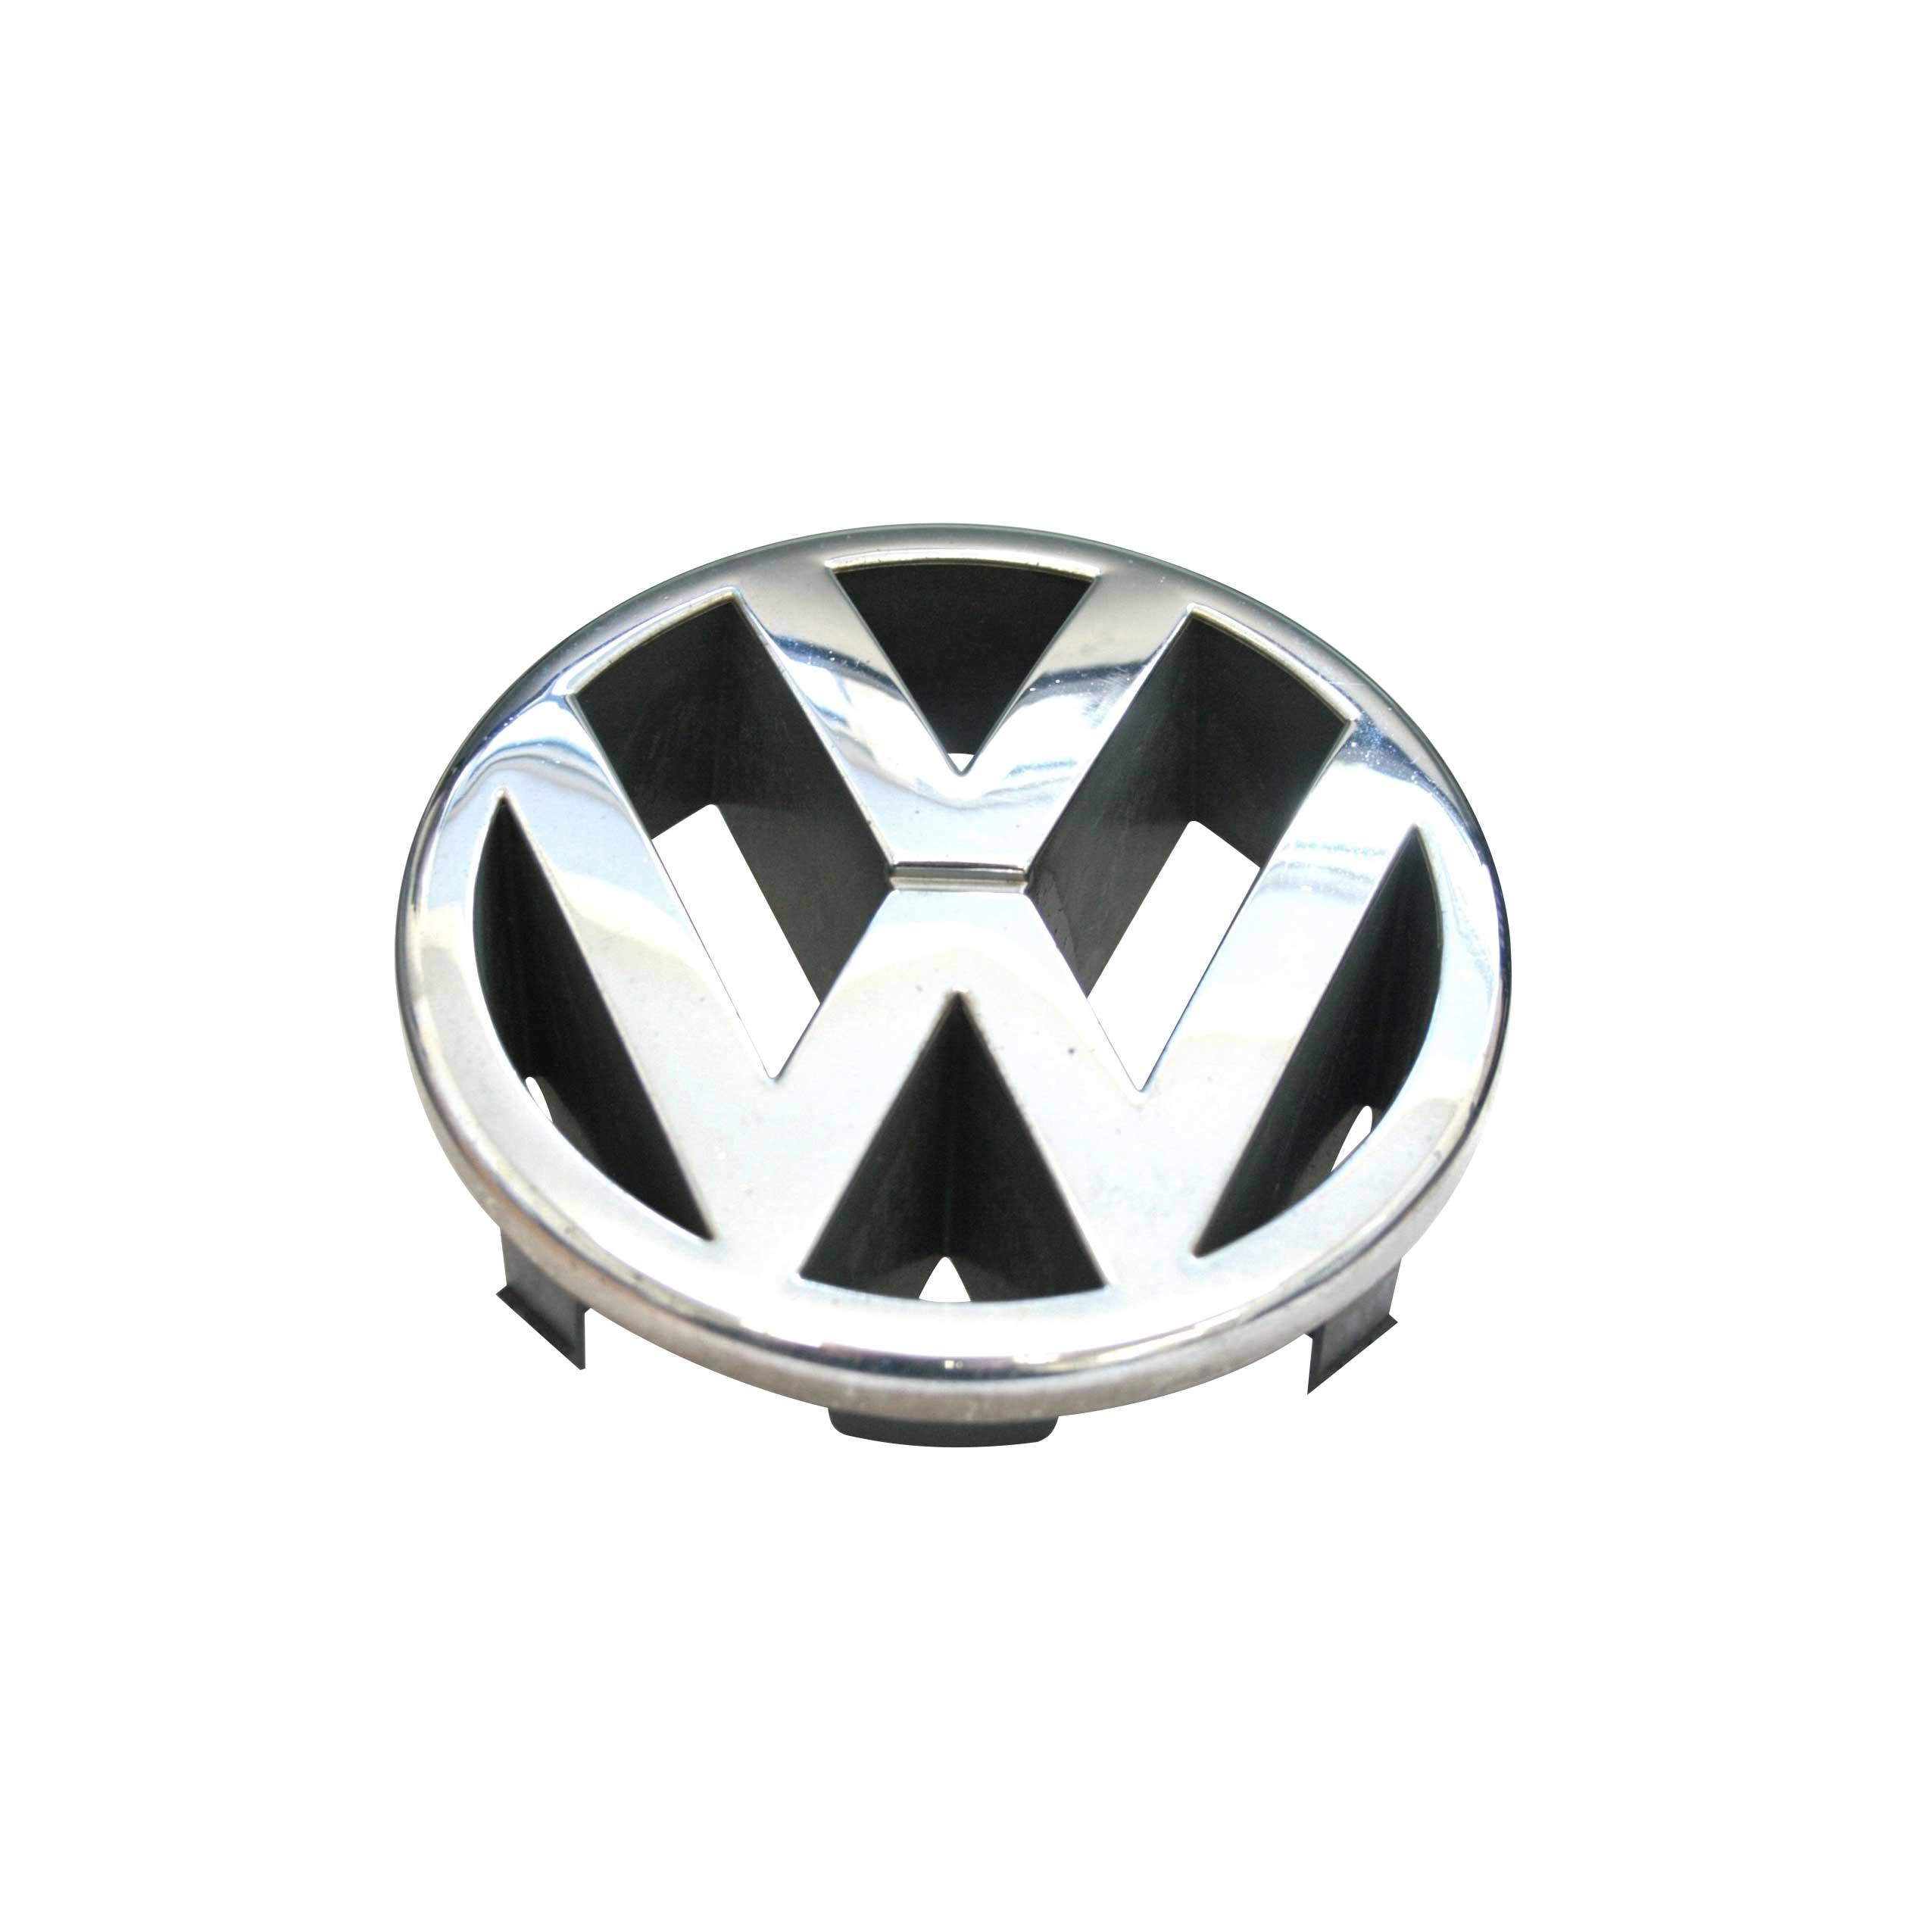 Ön Arma - Volkswagen - Passat 1998 - 2000